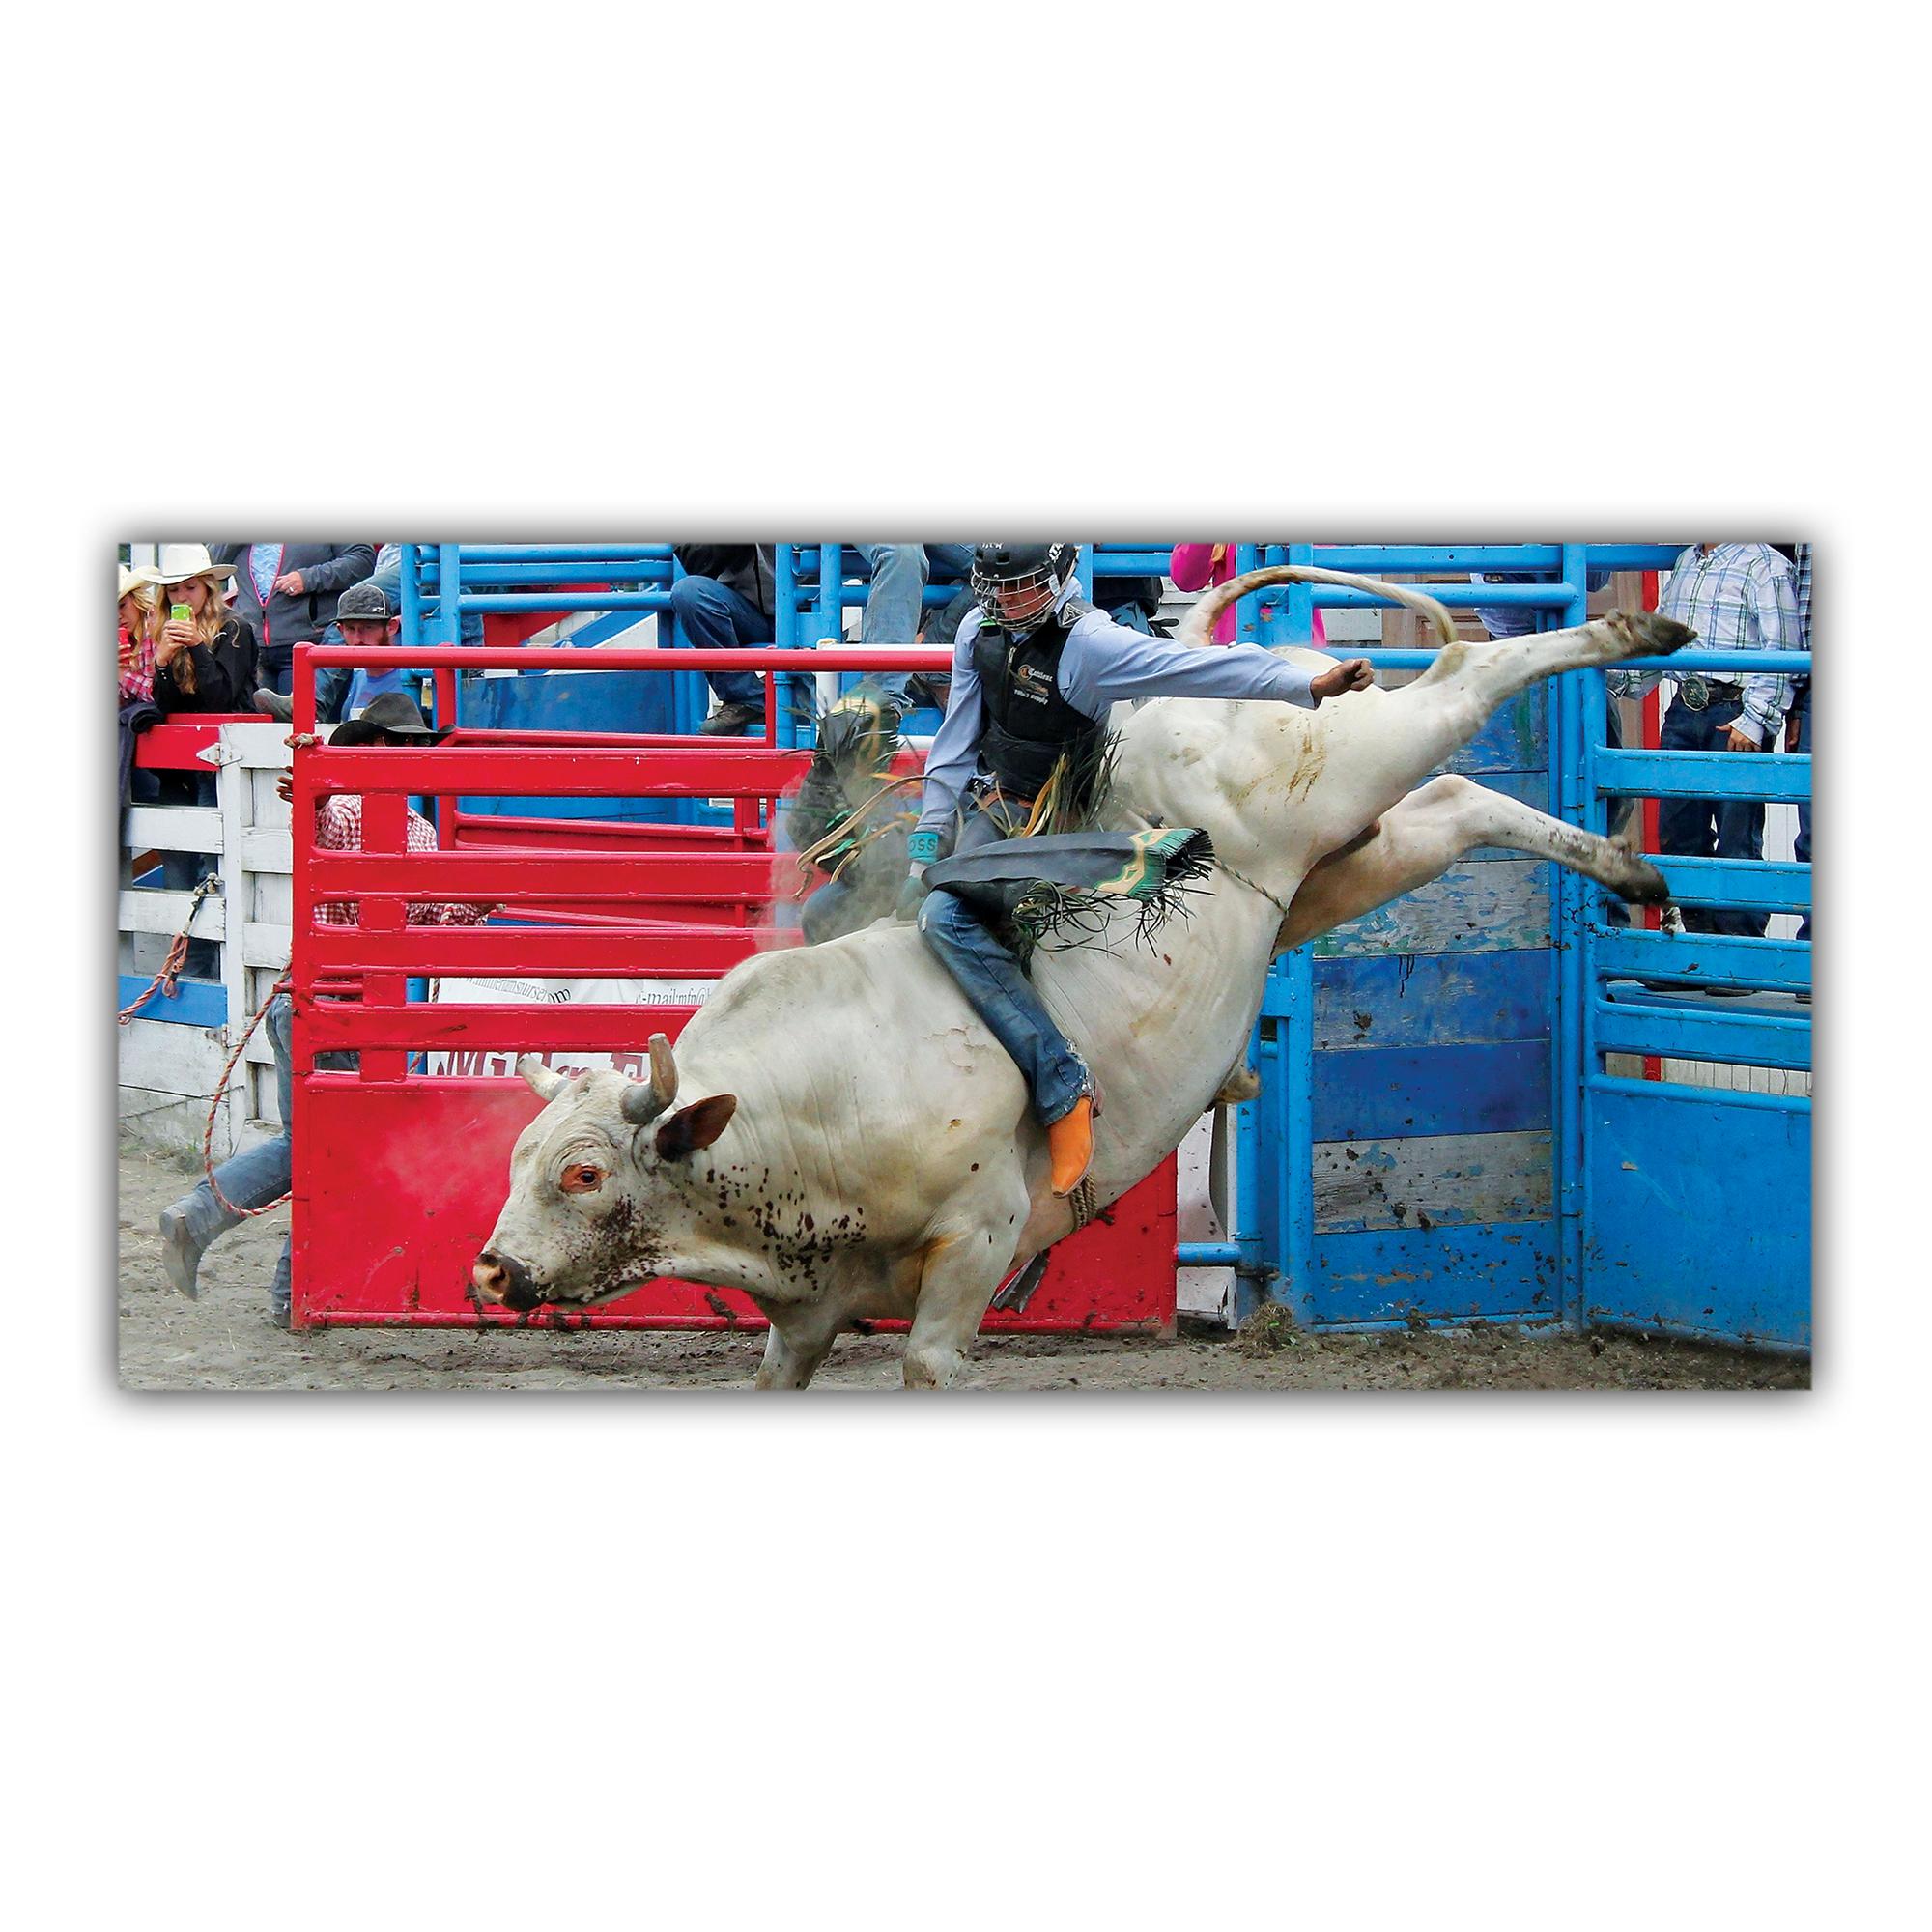 Rodéo Cow-boy Taureau